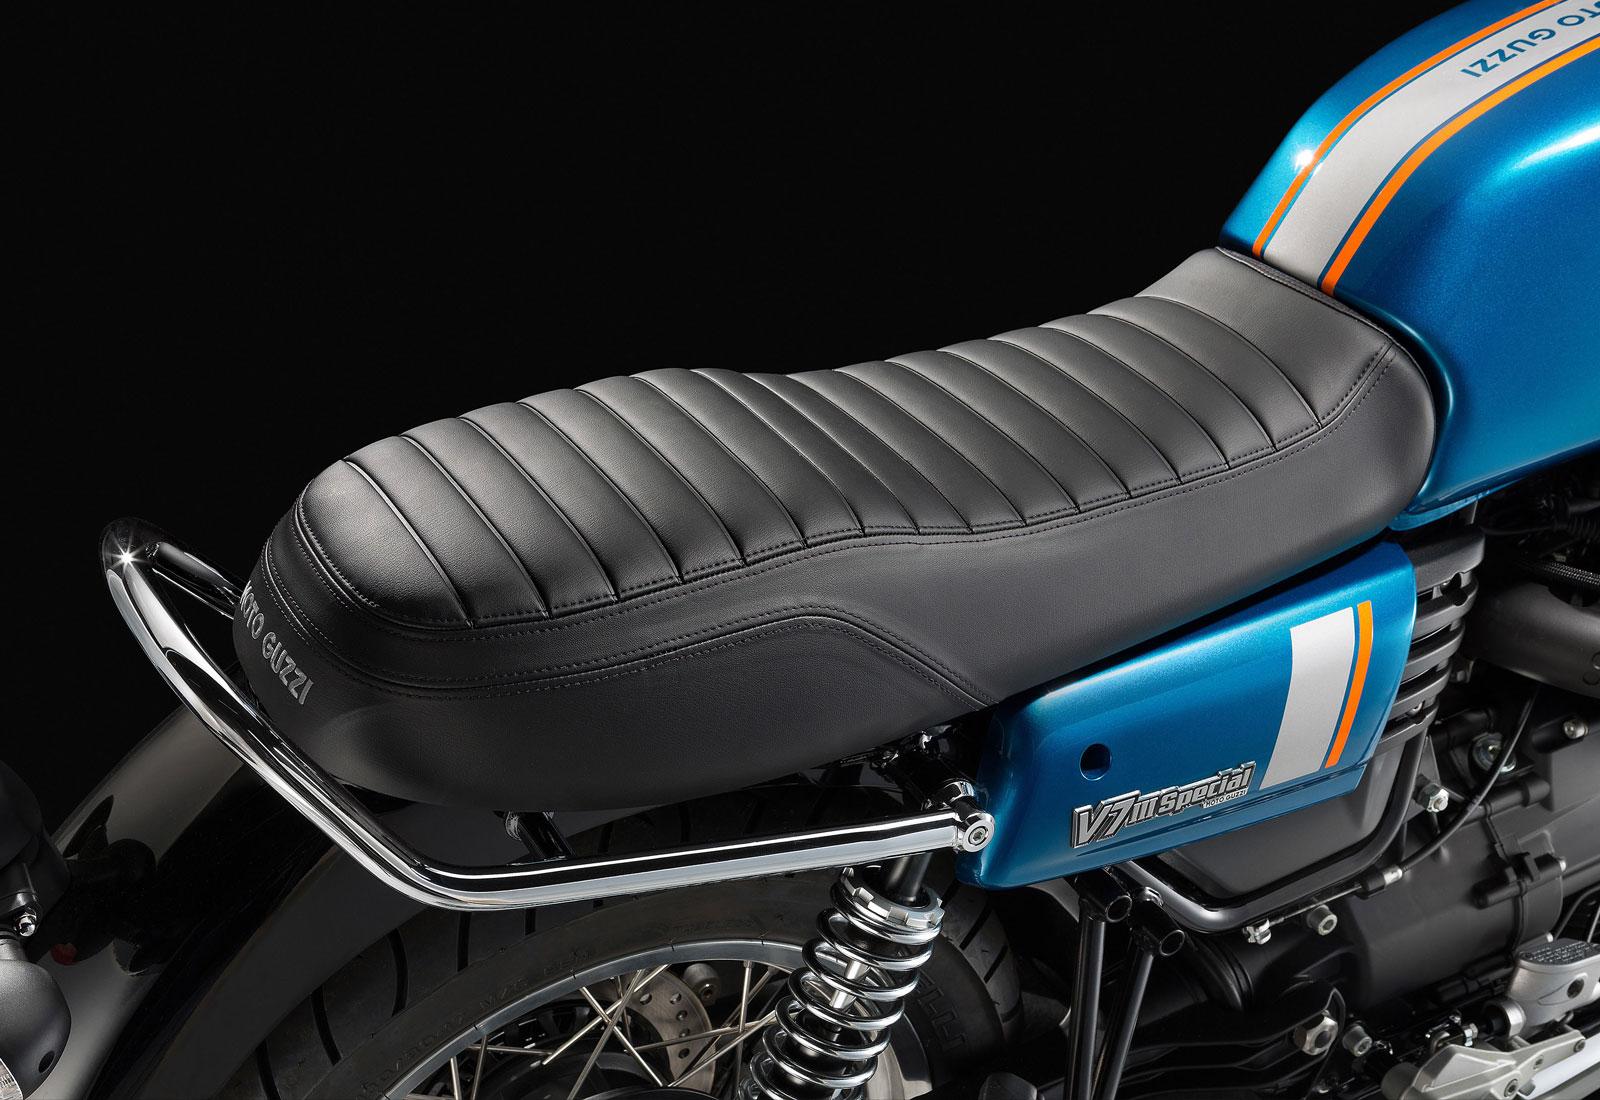 Moto modelo Special, color azul zafiro. Marca Motoguzzi